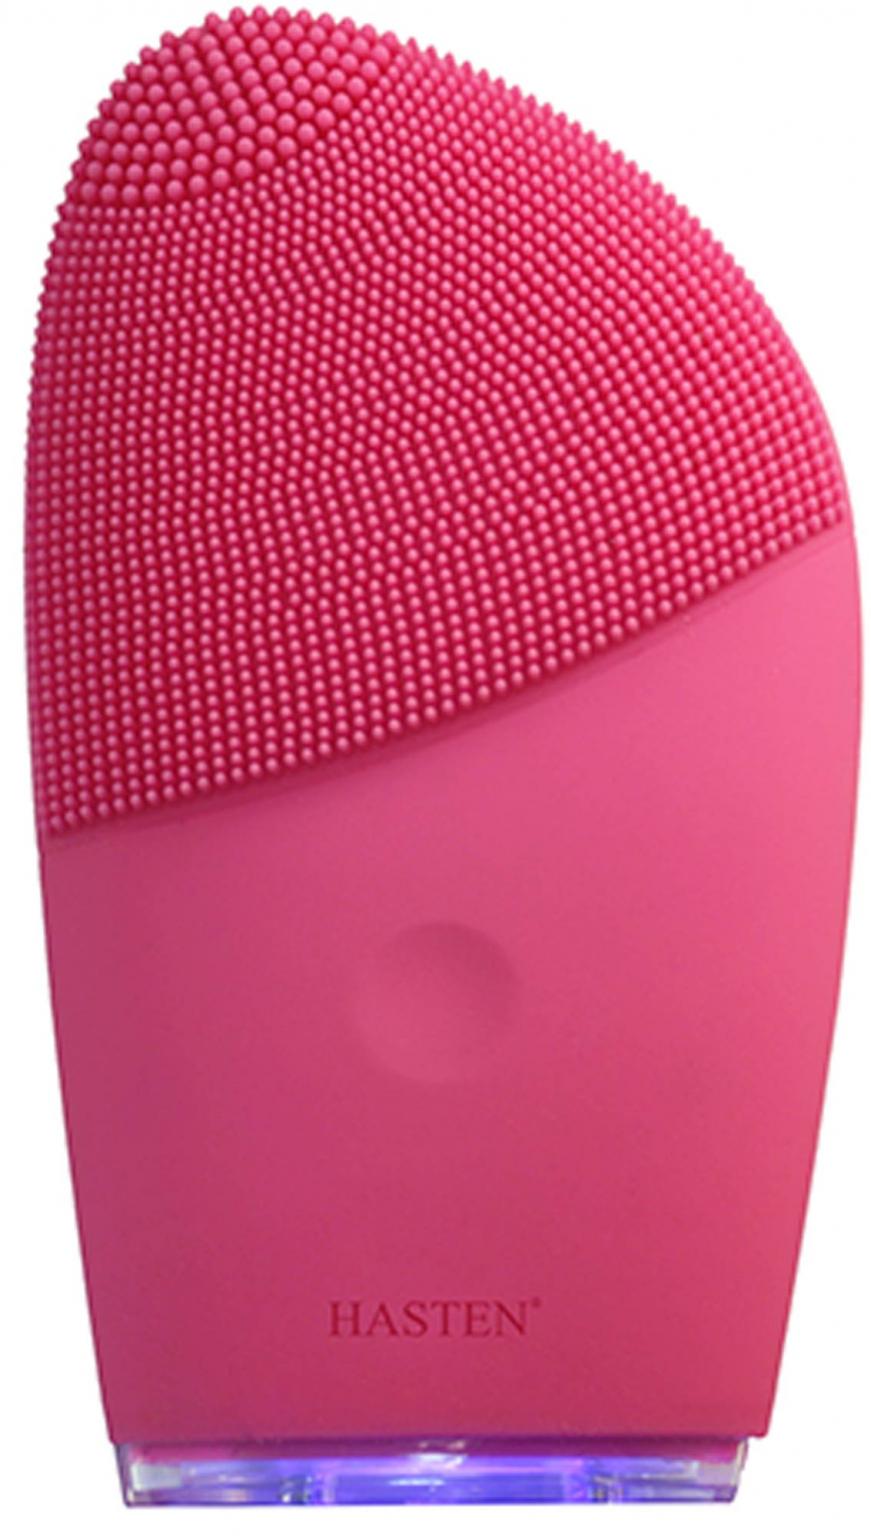 HASTEN Массажер-очиститель силиконовый для лица - HAS100